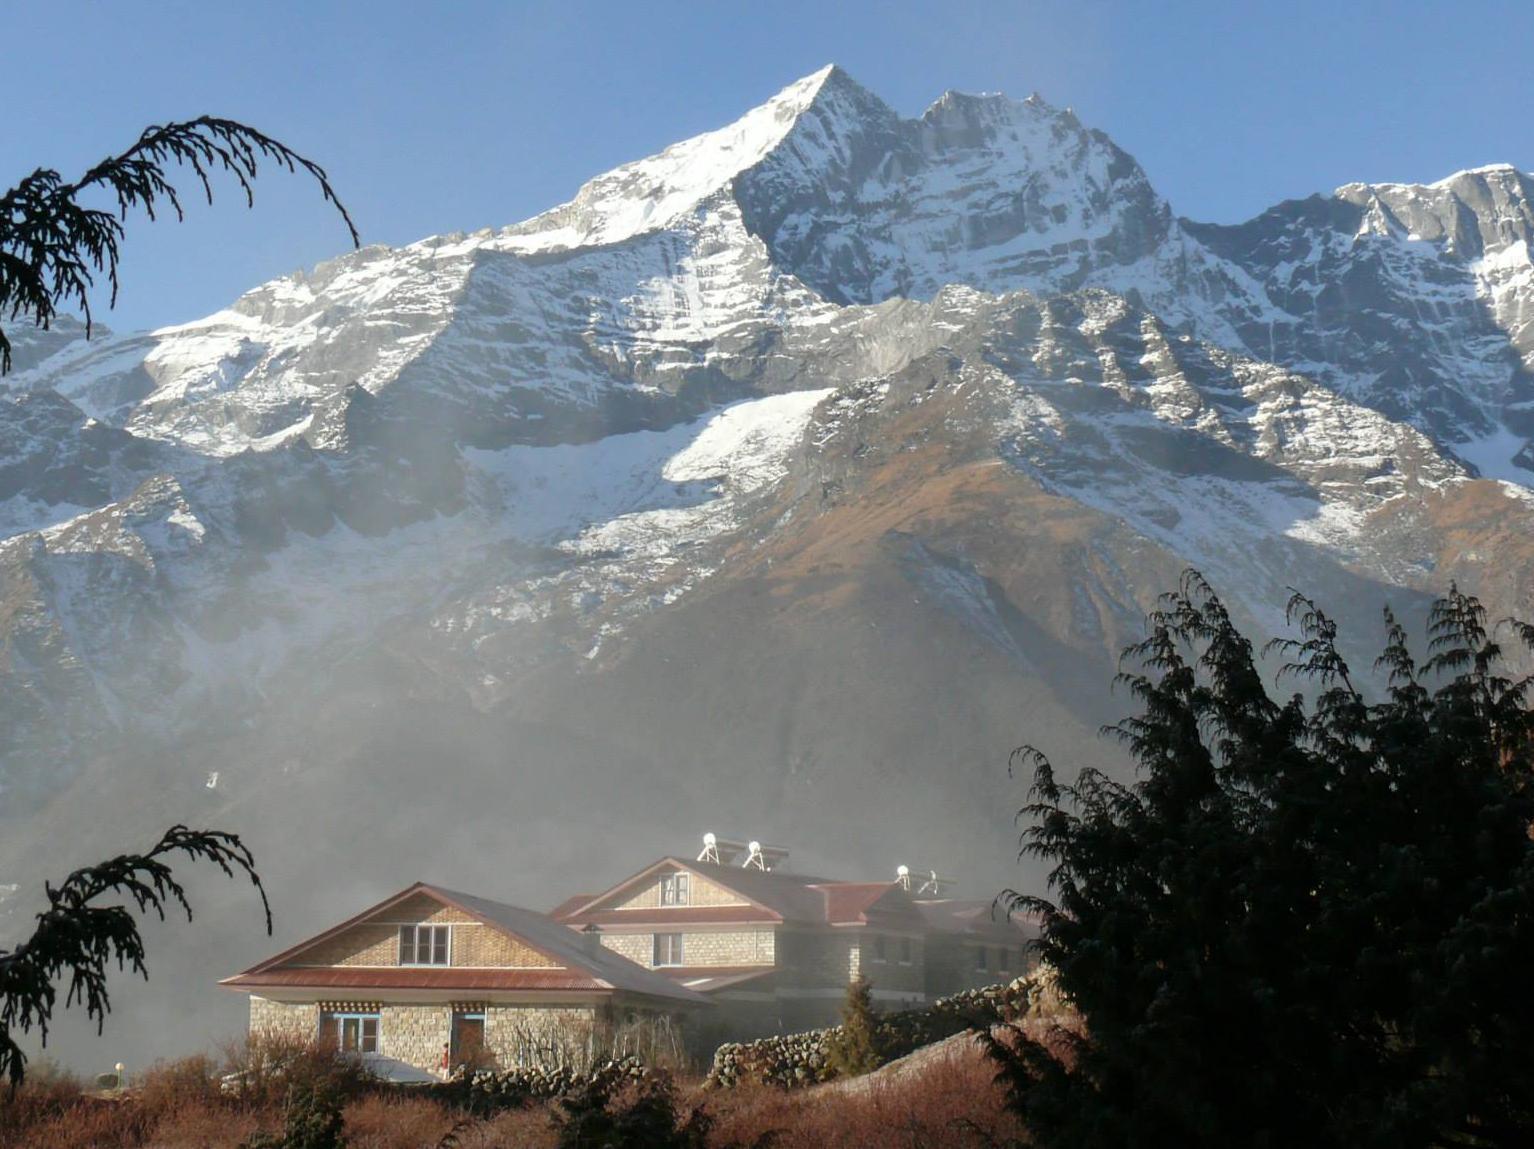 Everest Summit Lodge - Mende, Sagarmatha